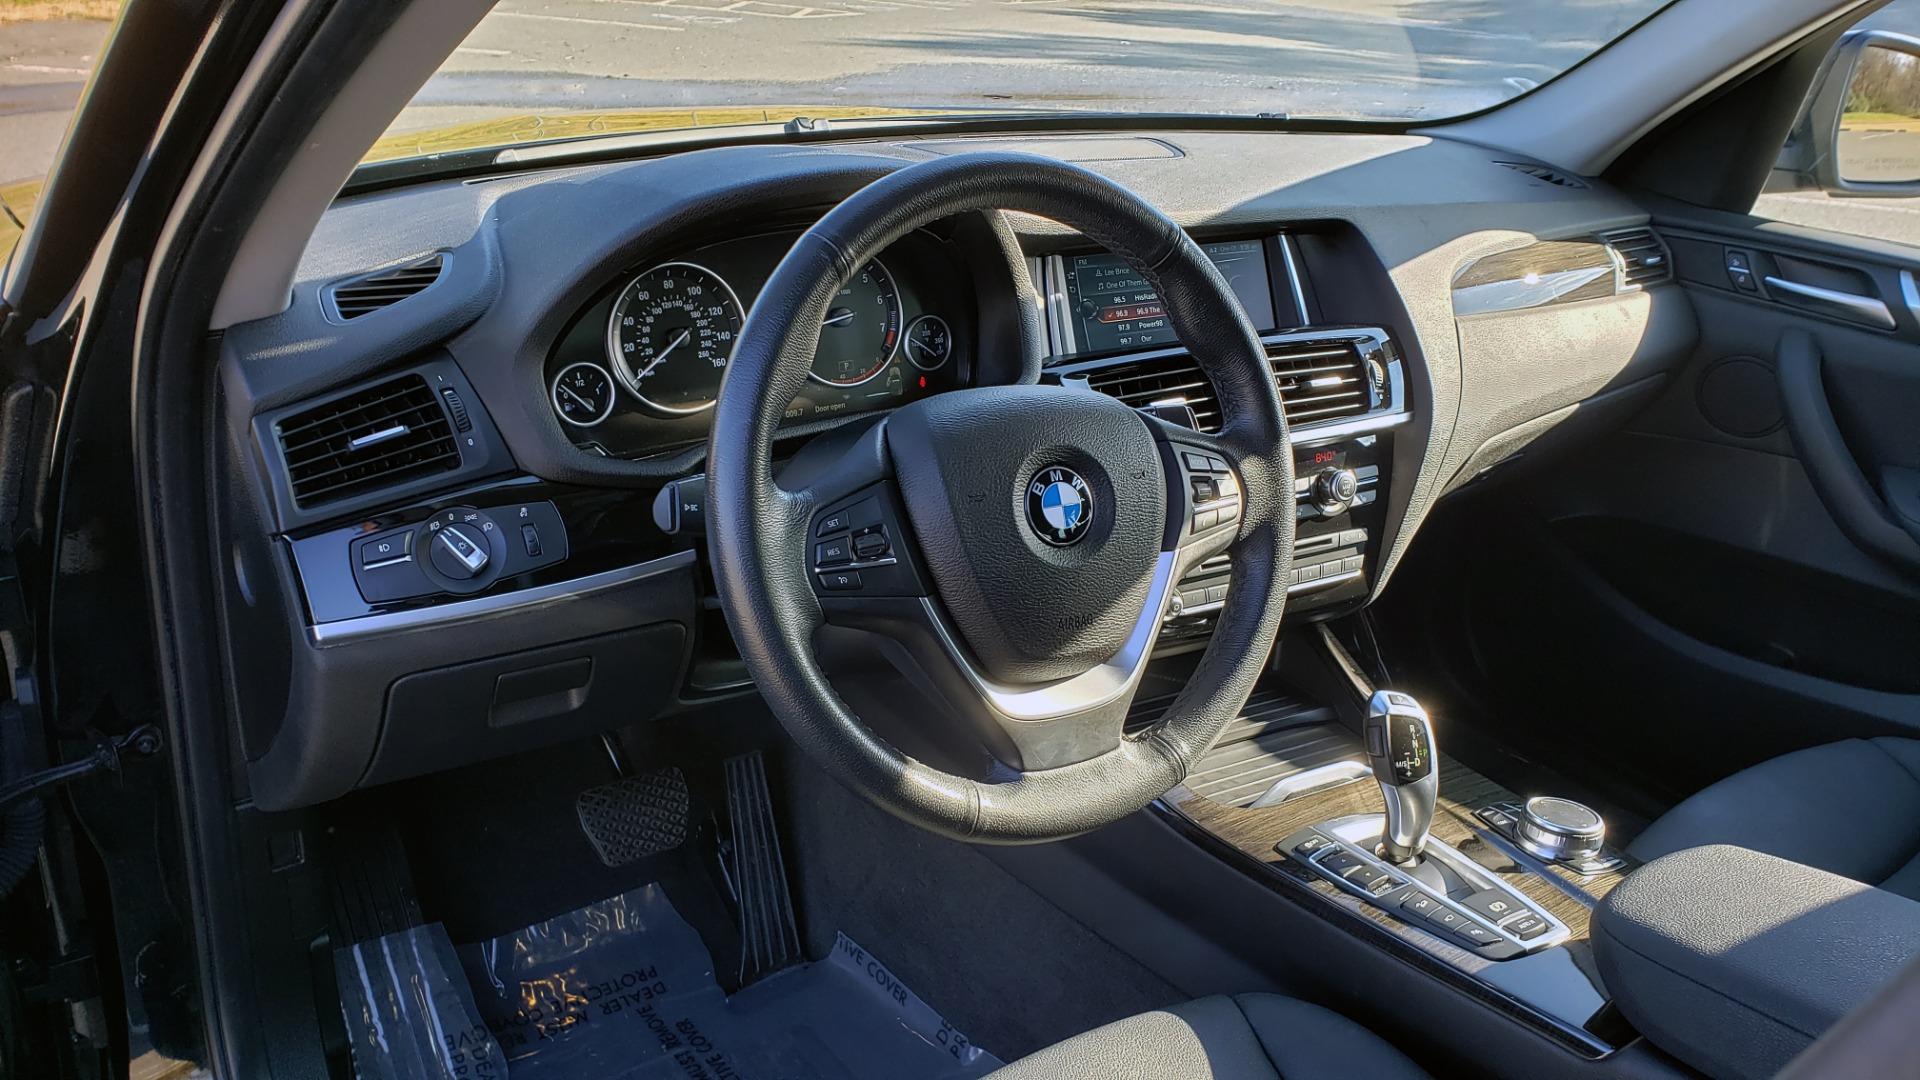 Used 2017 BMW X3 XDRIVE28I / PREM PKG / NAV / DRVR ASST / HTD STS / CAMERAS for sale Sold at Formula Imports in Charlotte NC 28227 43